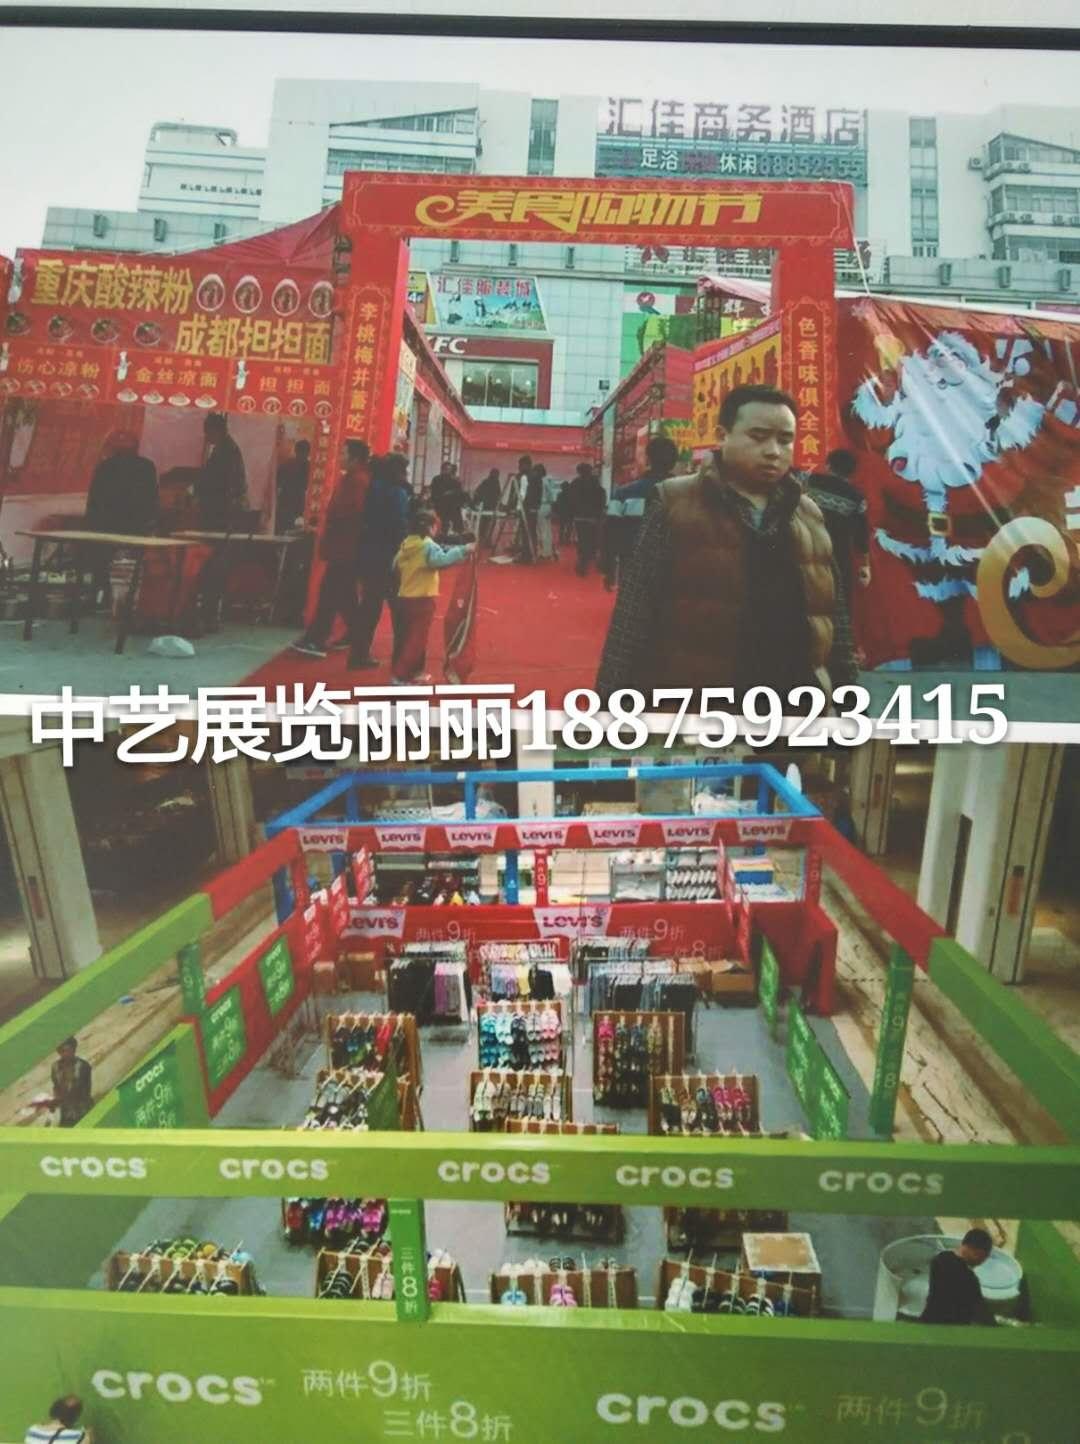 深圳展览工程 展位设计展位搭建